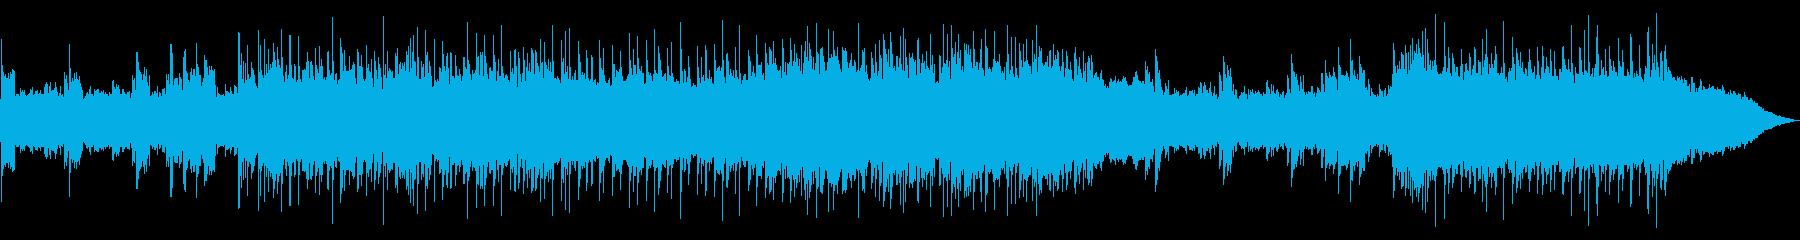 往年のハードロック(ショートVer)の再生済みの波形